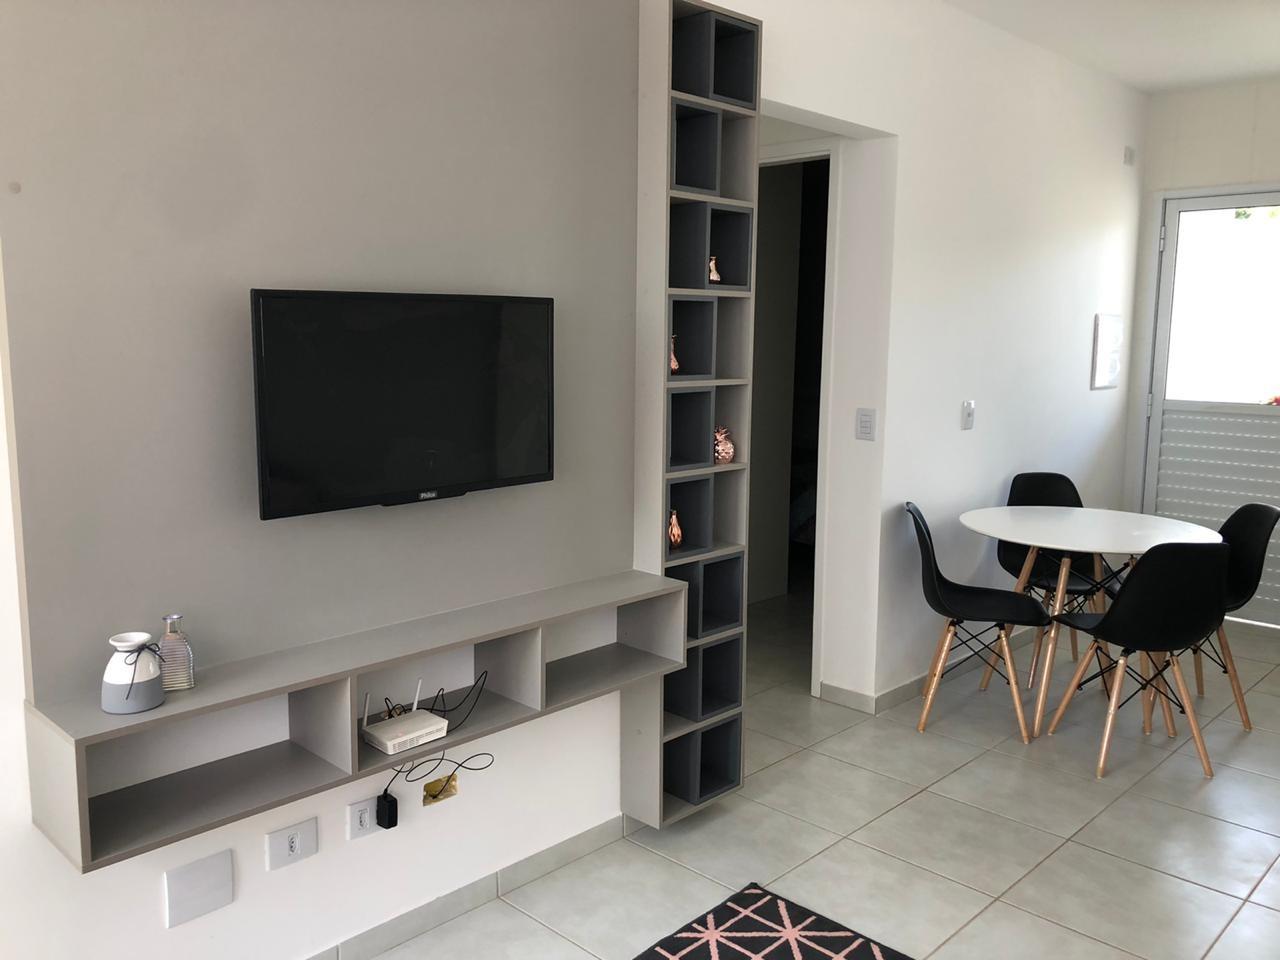 Mais Barato Não Tem - Casa Individual de Rua - Suzano/SP